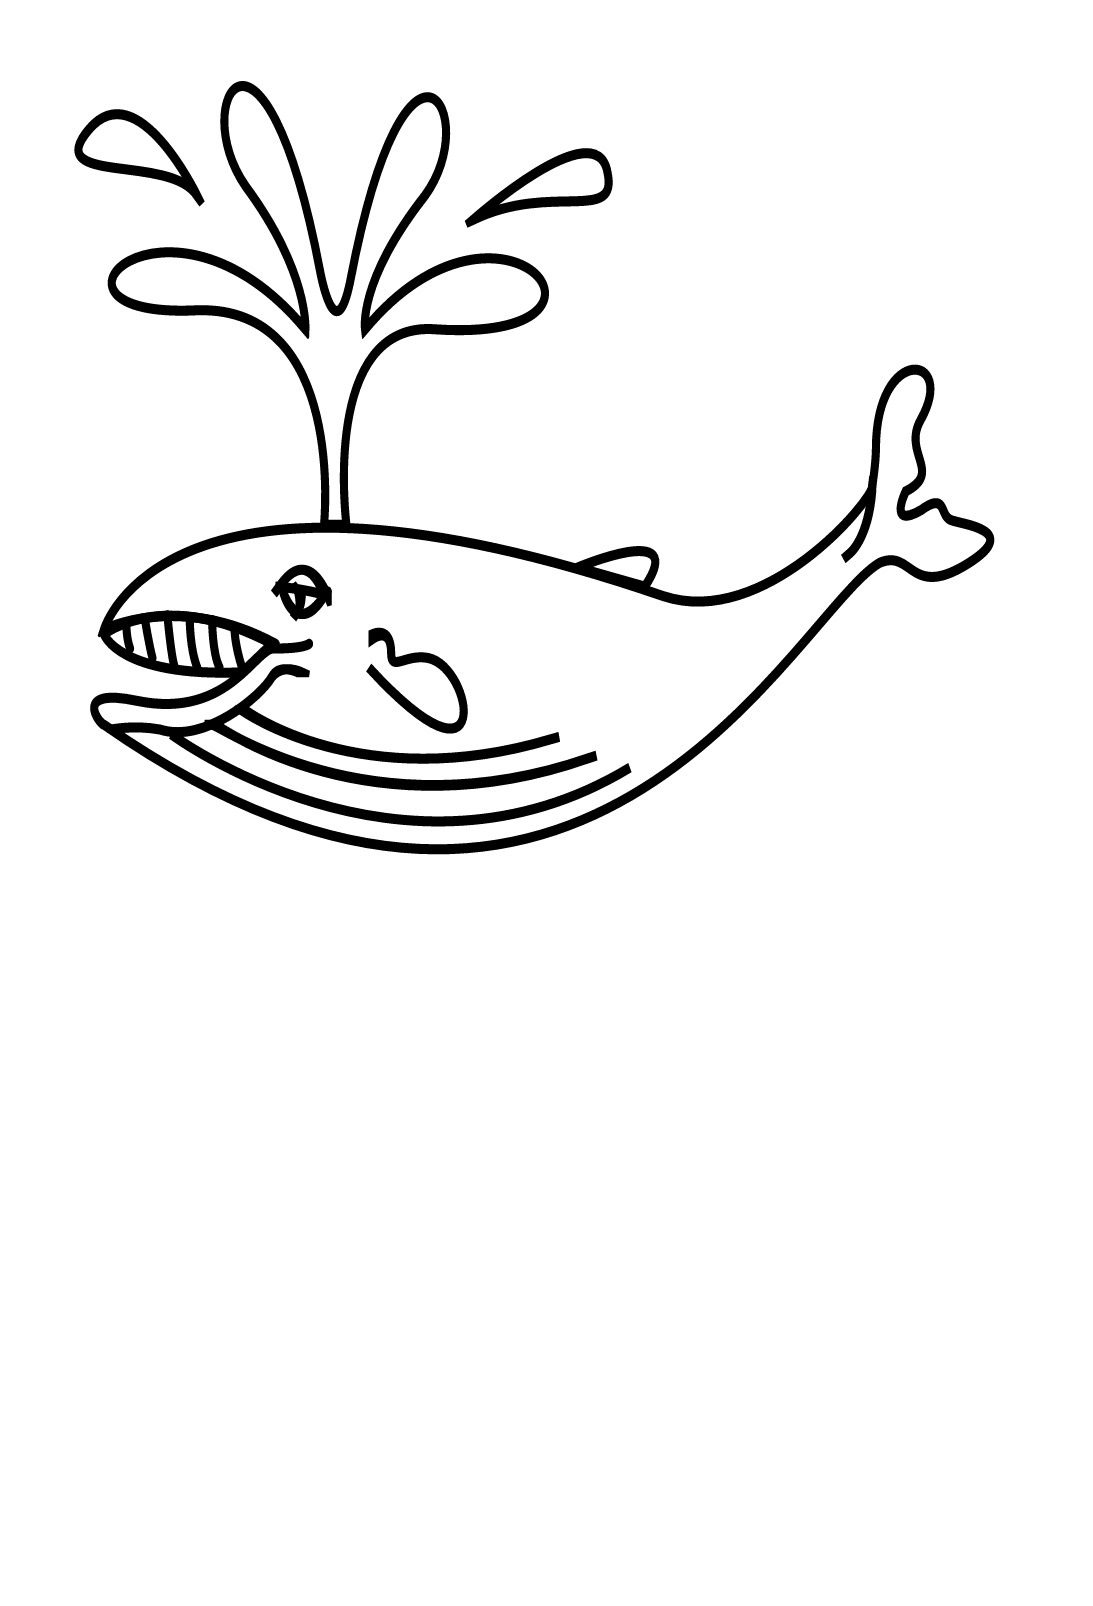 dessin à colorier d'une baleine